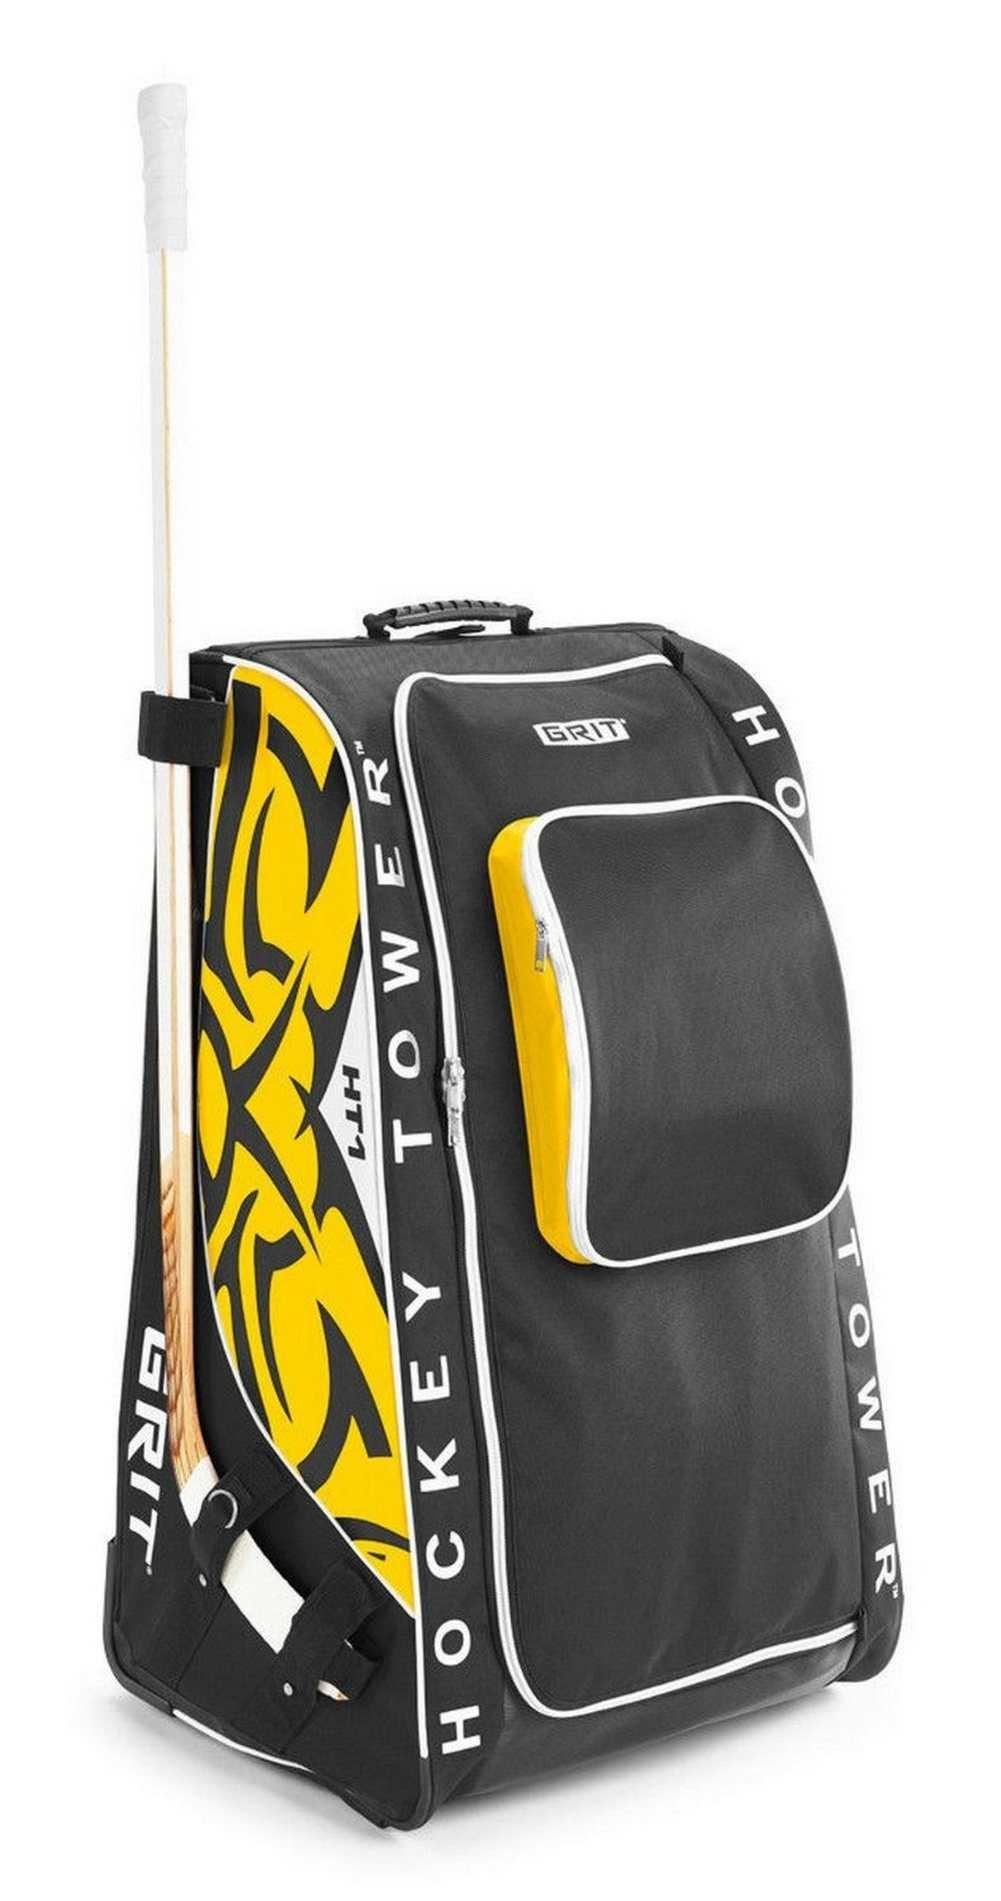 Grit HTSE Hockey Tower 33'''' Equipment Bag